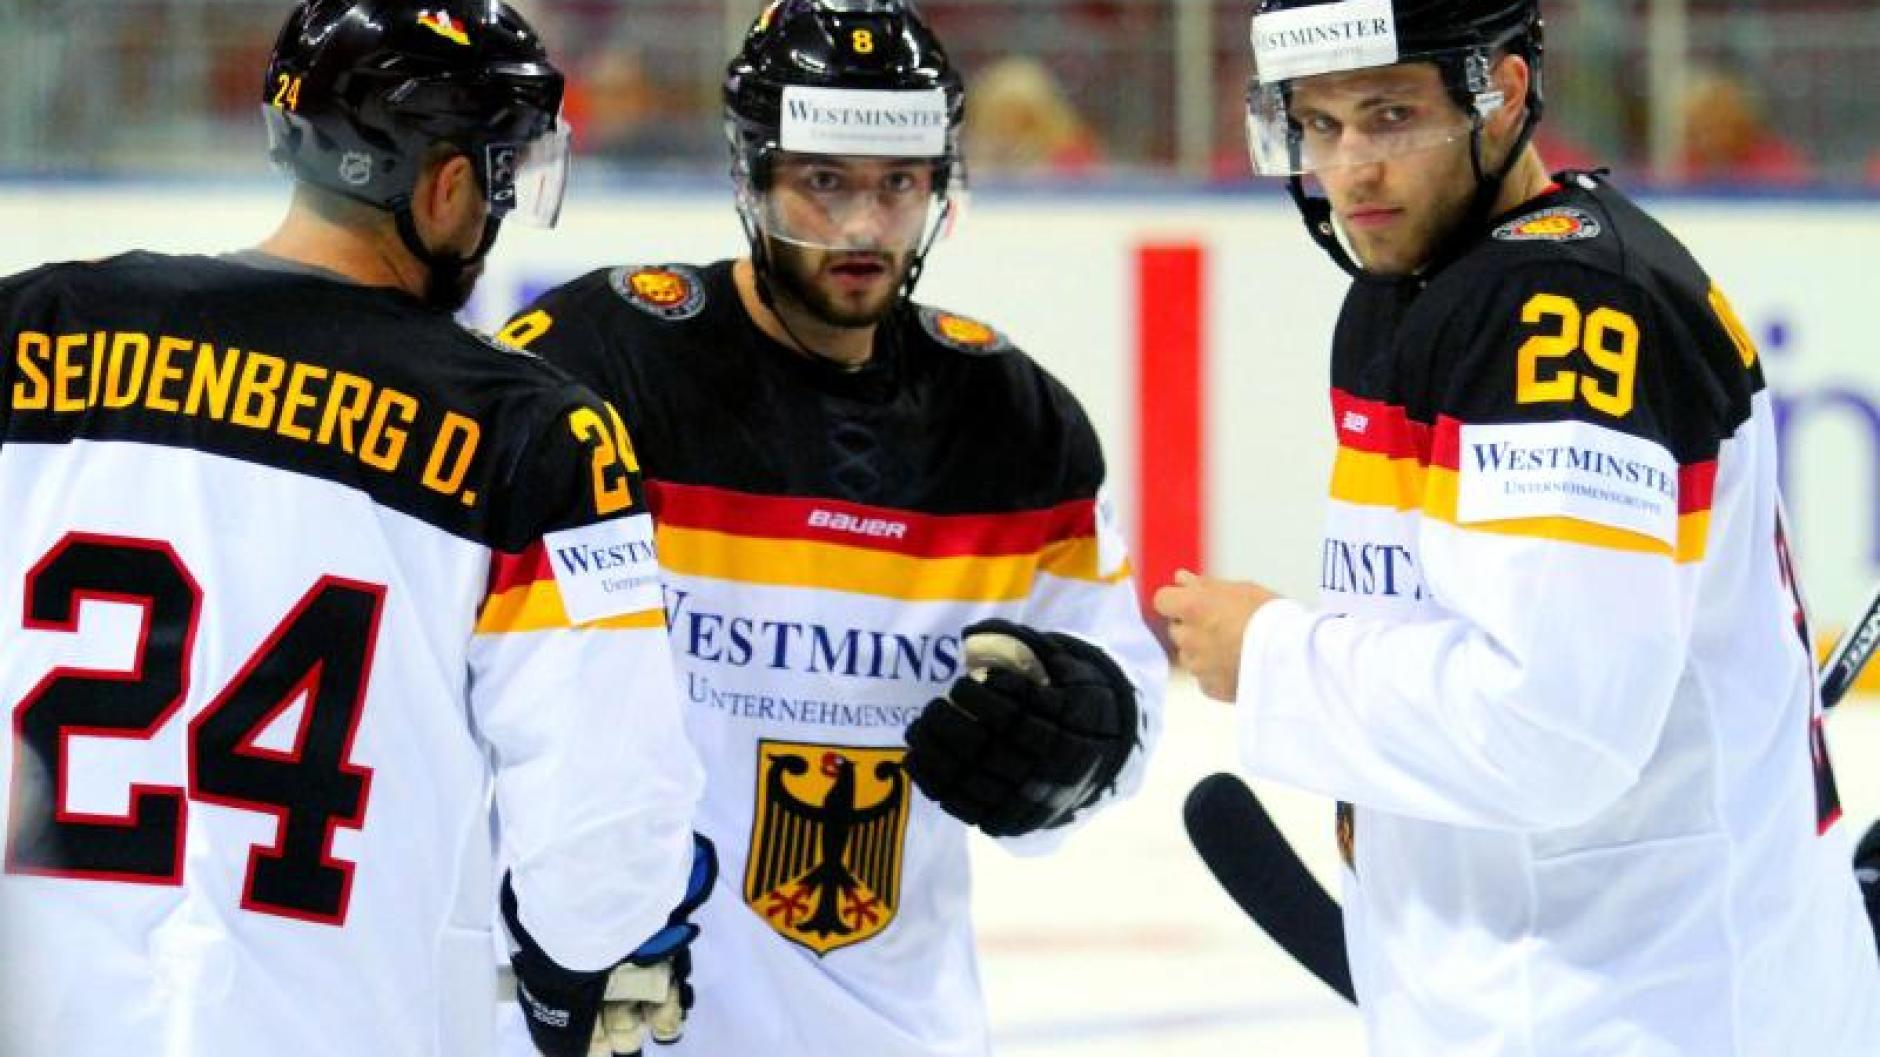 Eishockey Endspiel